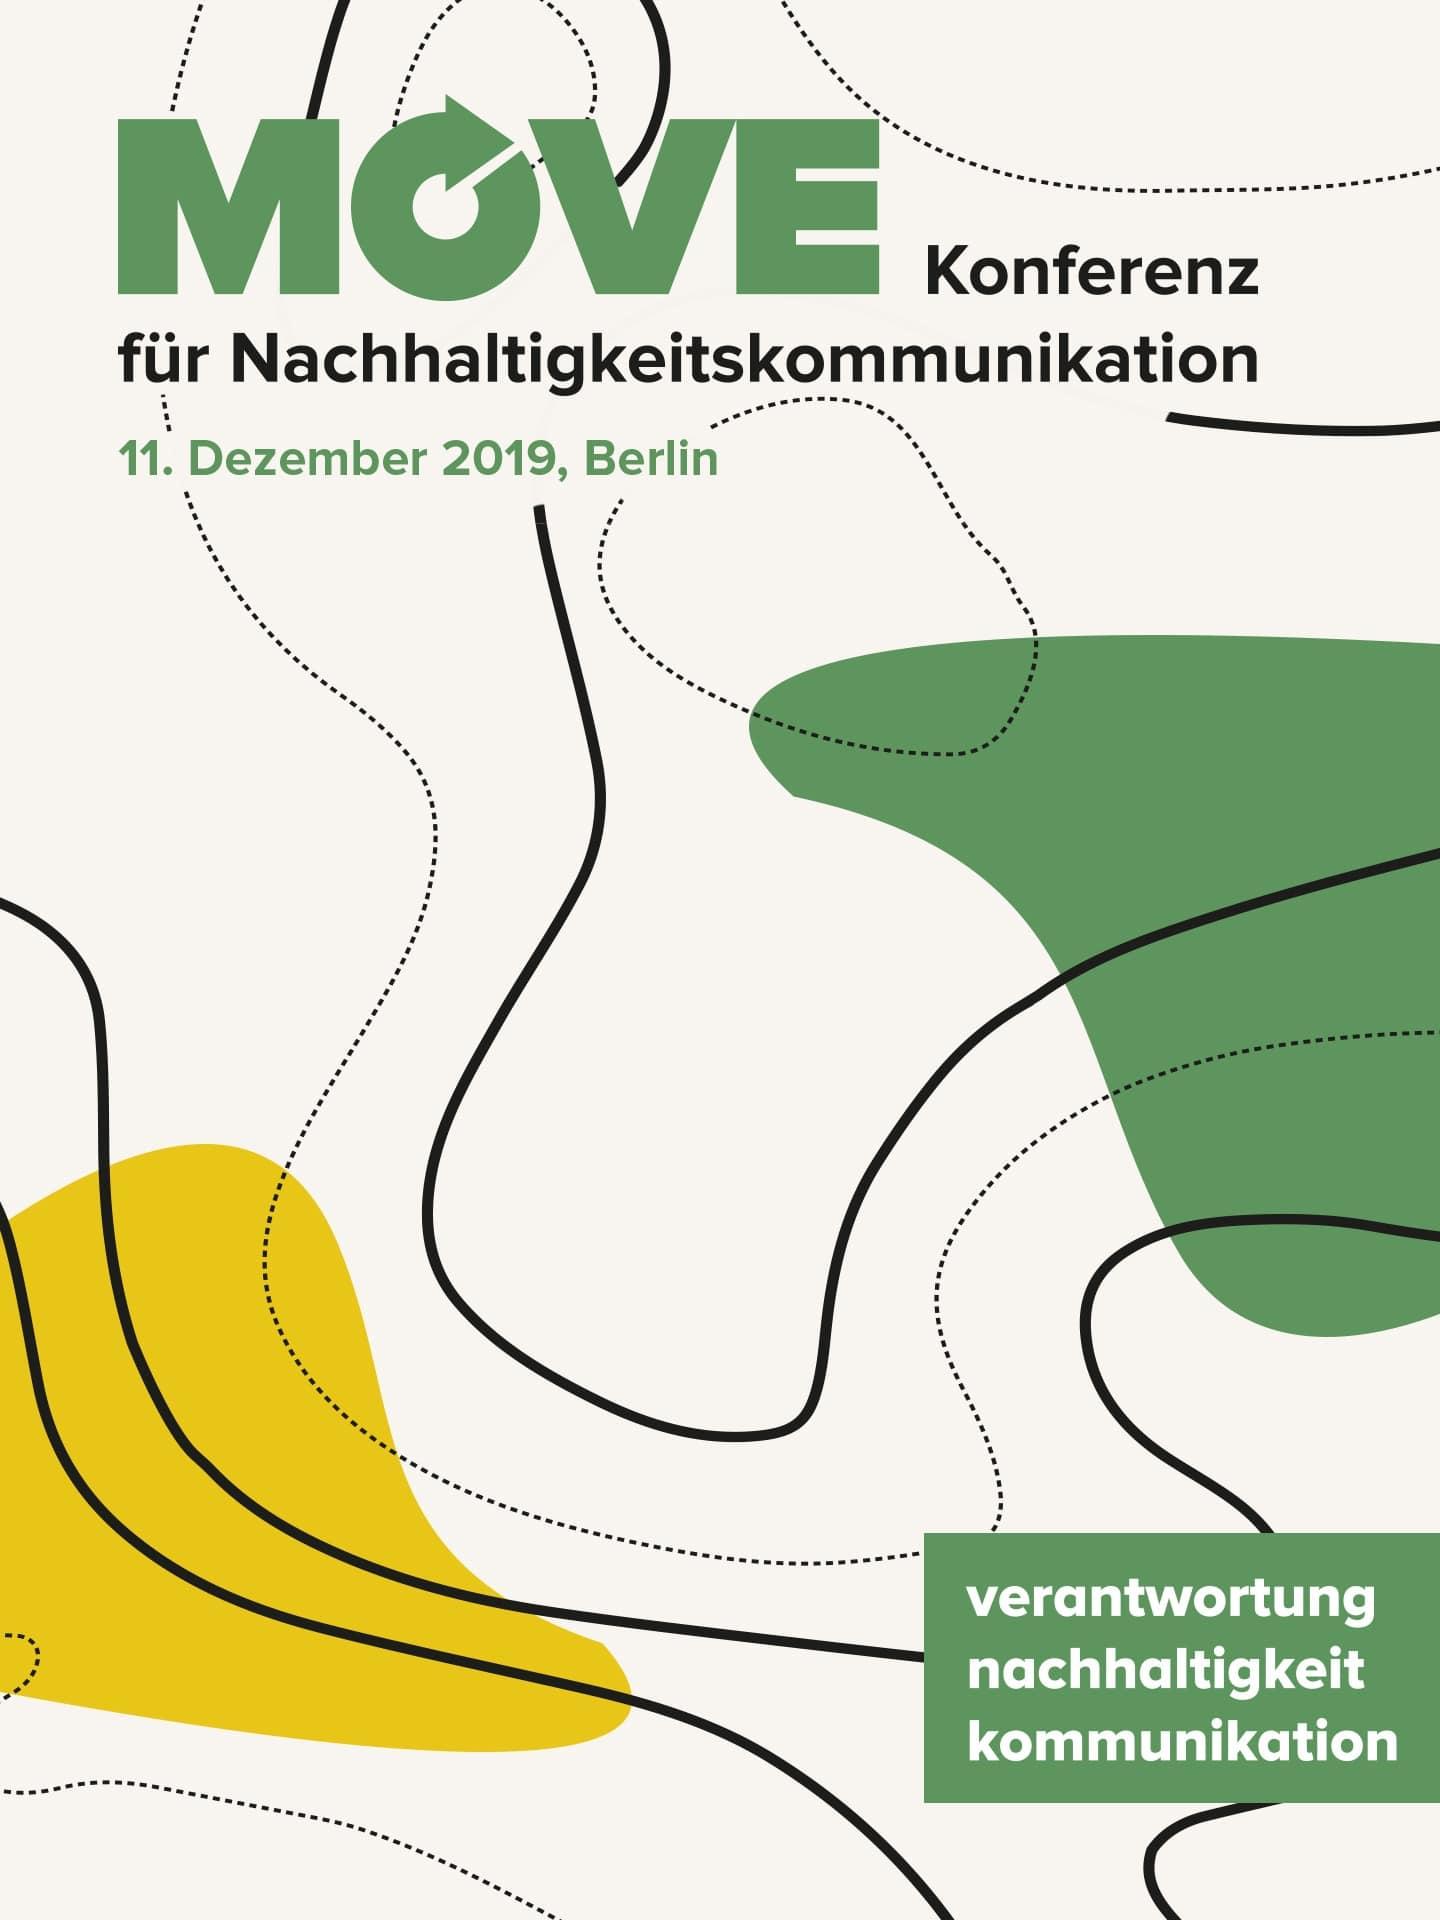 Move – Konferenz für Nachhaltigkeitskommunikation